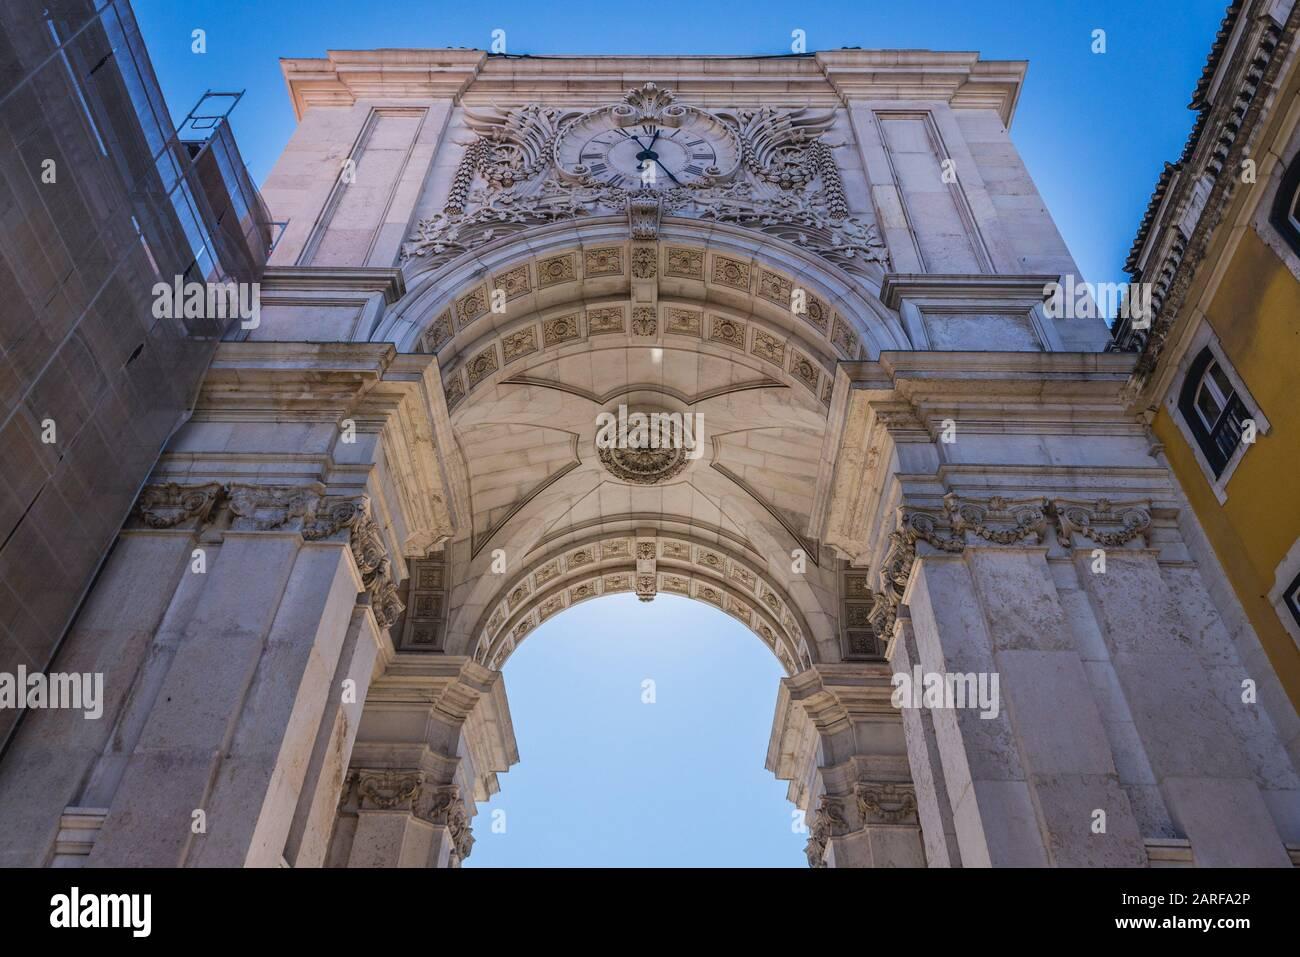 Arco da Rua Augusta - Rua Augusta Arch at Commerce Square en Lisboa, Portugal. Foto de stock